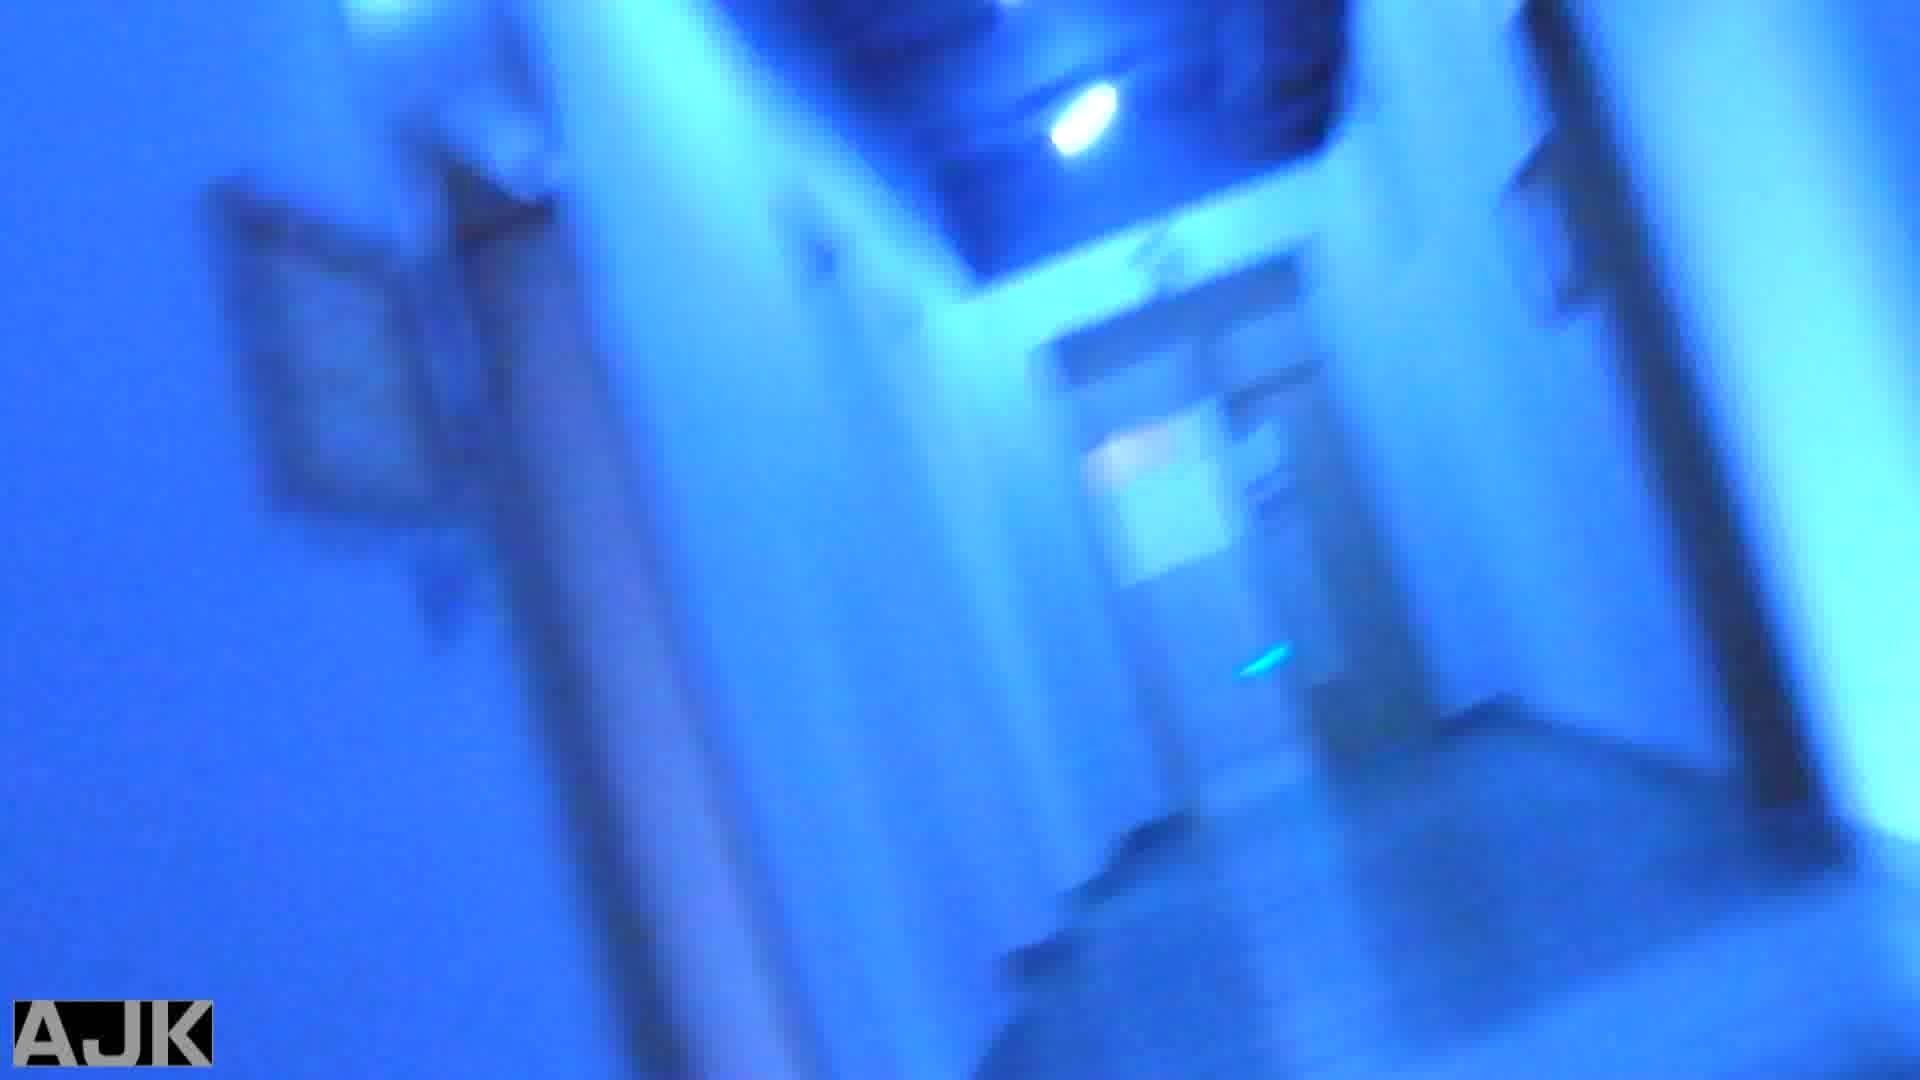 隣国上階級エリアの令嬢たちが集うデパートお手洗い Vol.07 女子トイレ おめこ無修正画像 111枚 87